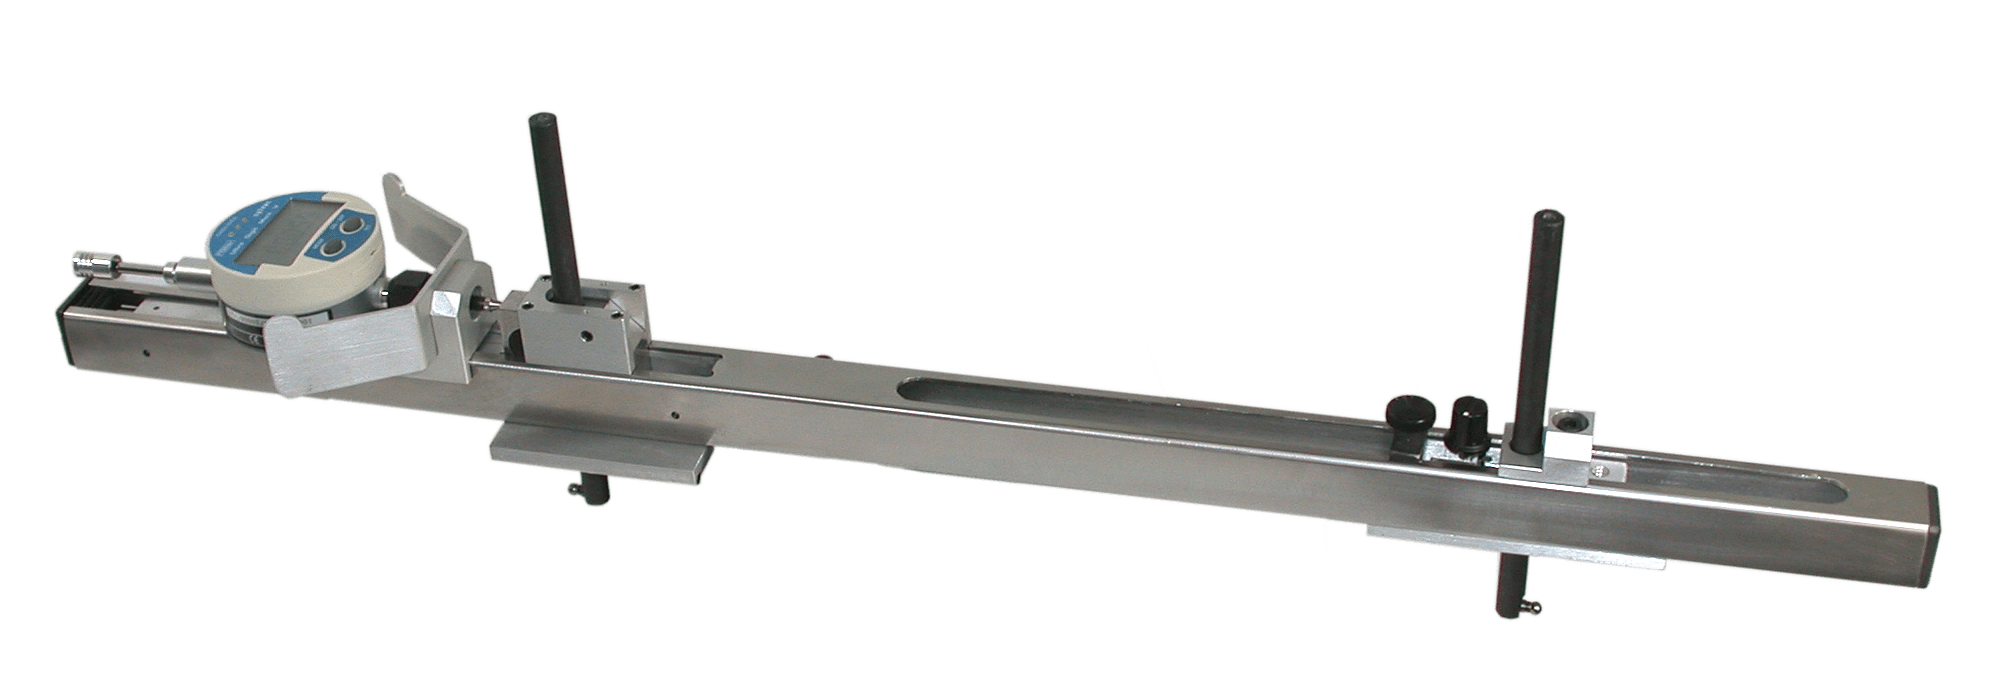 LDB Large Diameter Gage